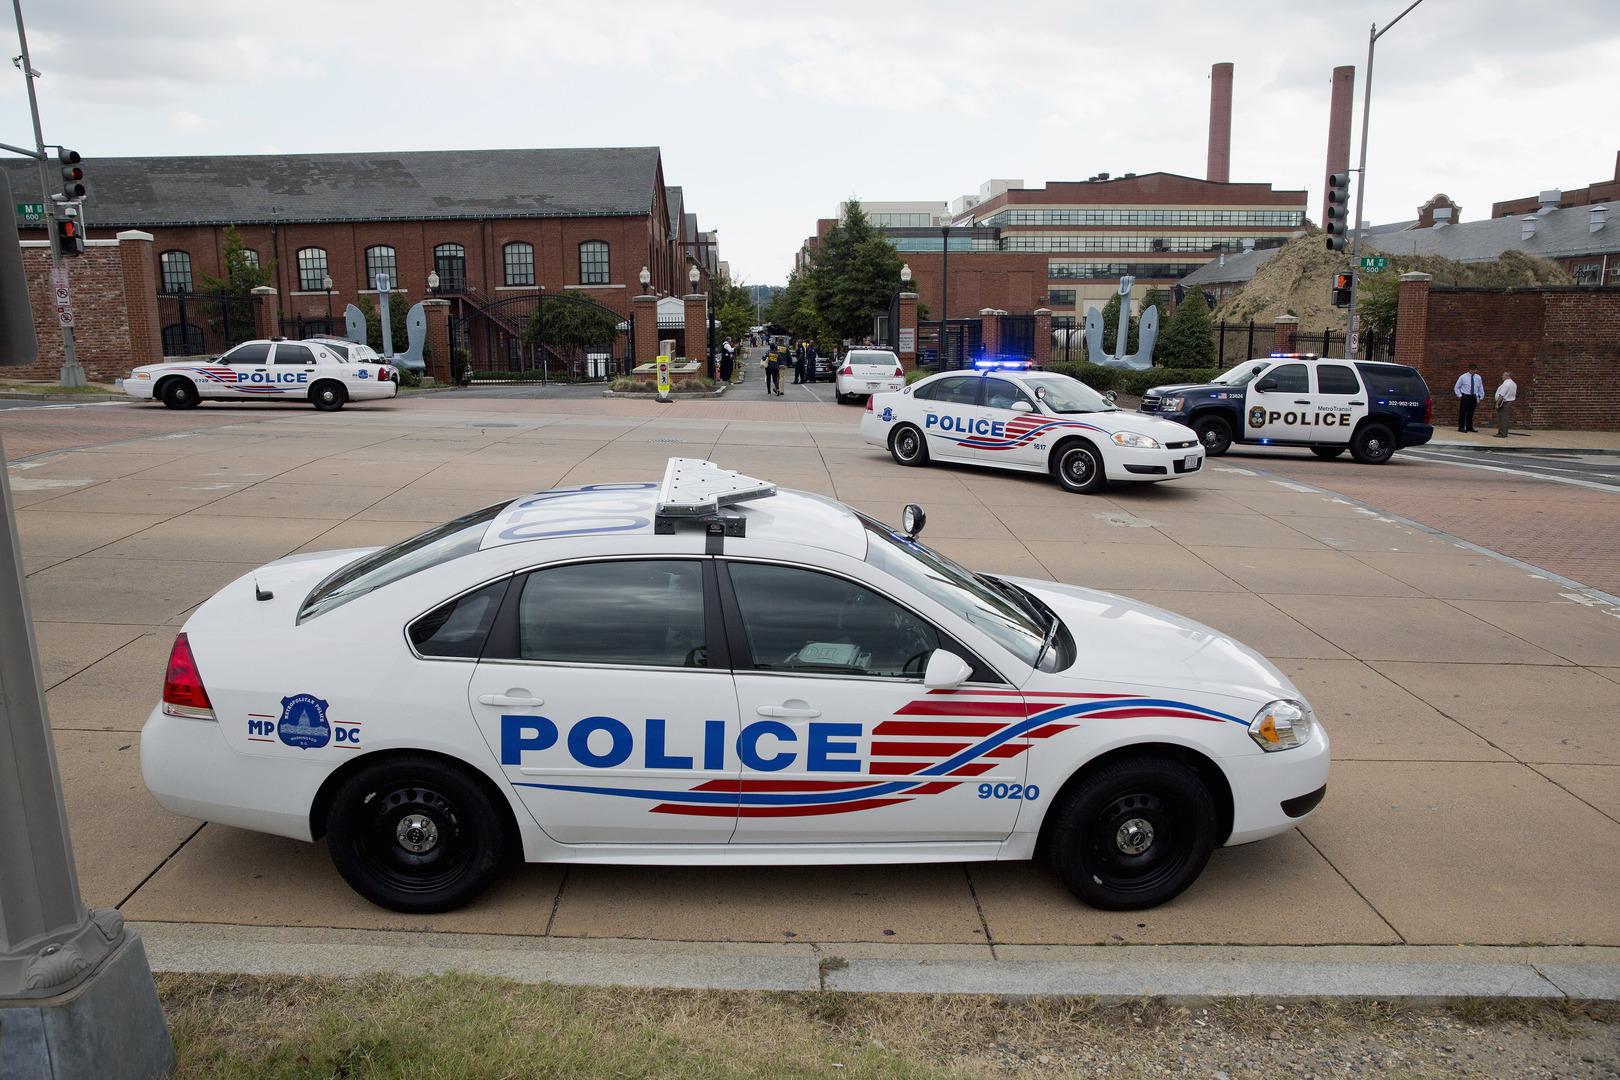 مقتل 3 أشخاص جراء حادث إطلاق نار في واشنطن